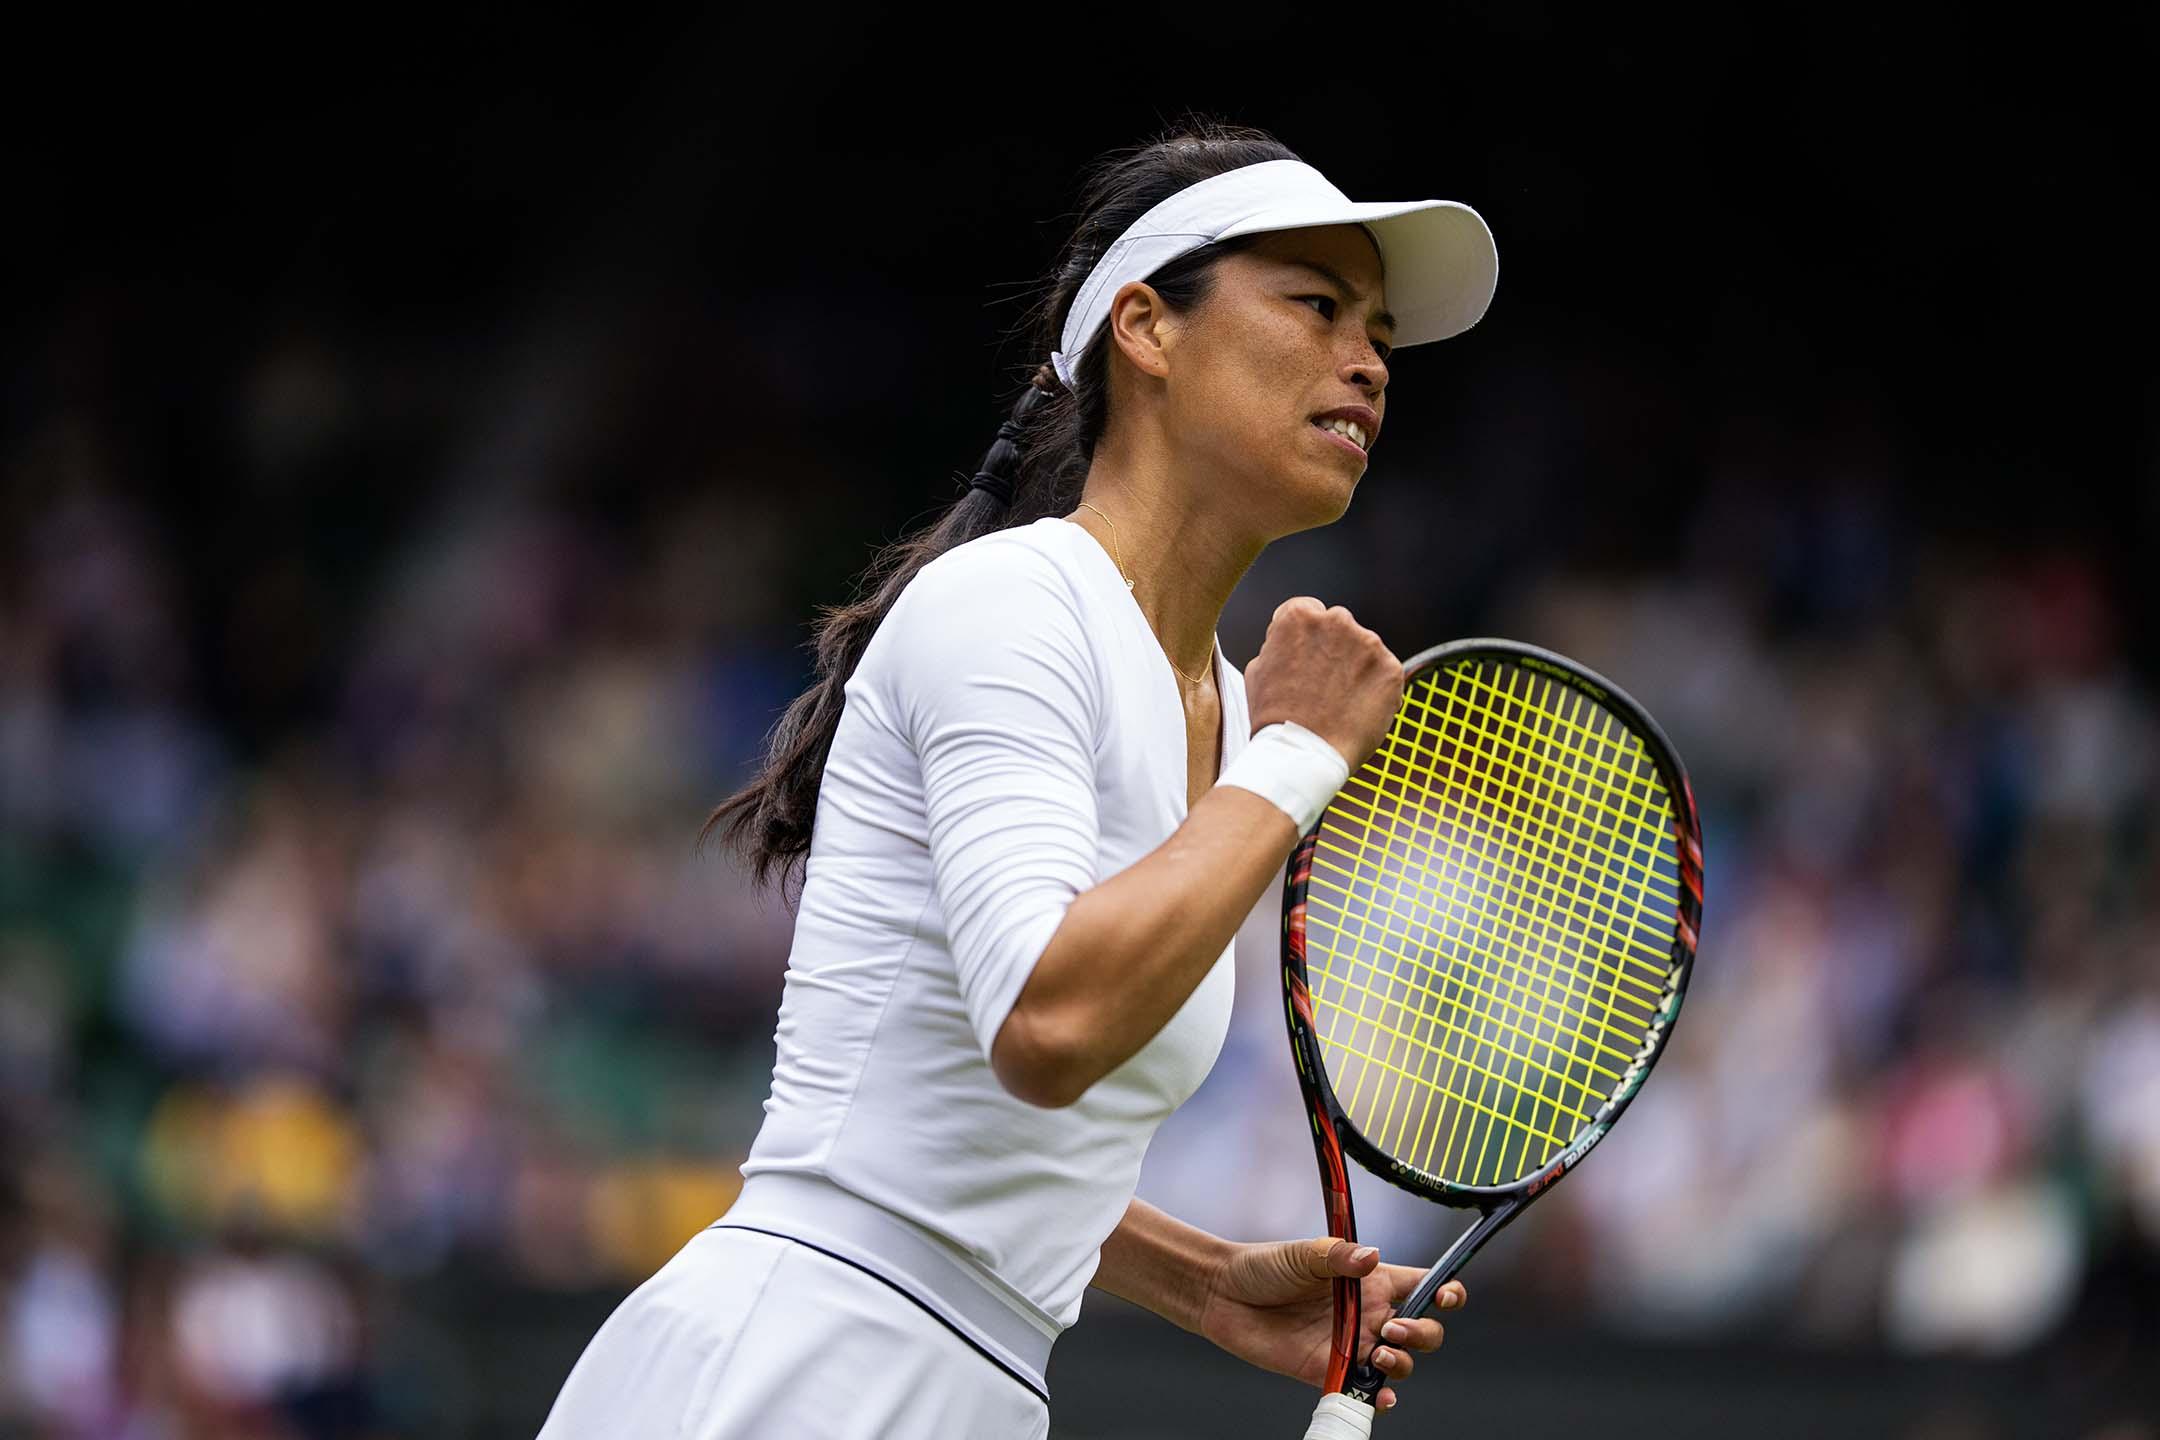 2021年7月10日英國倫敦,中華台北的謝淑薇在溫布爾登草地網球錦標賽女子雙打決賽中。